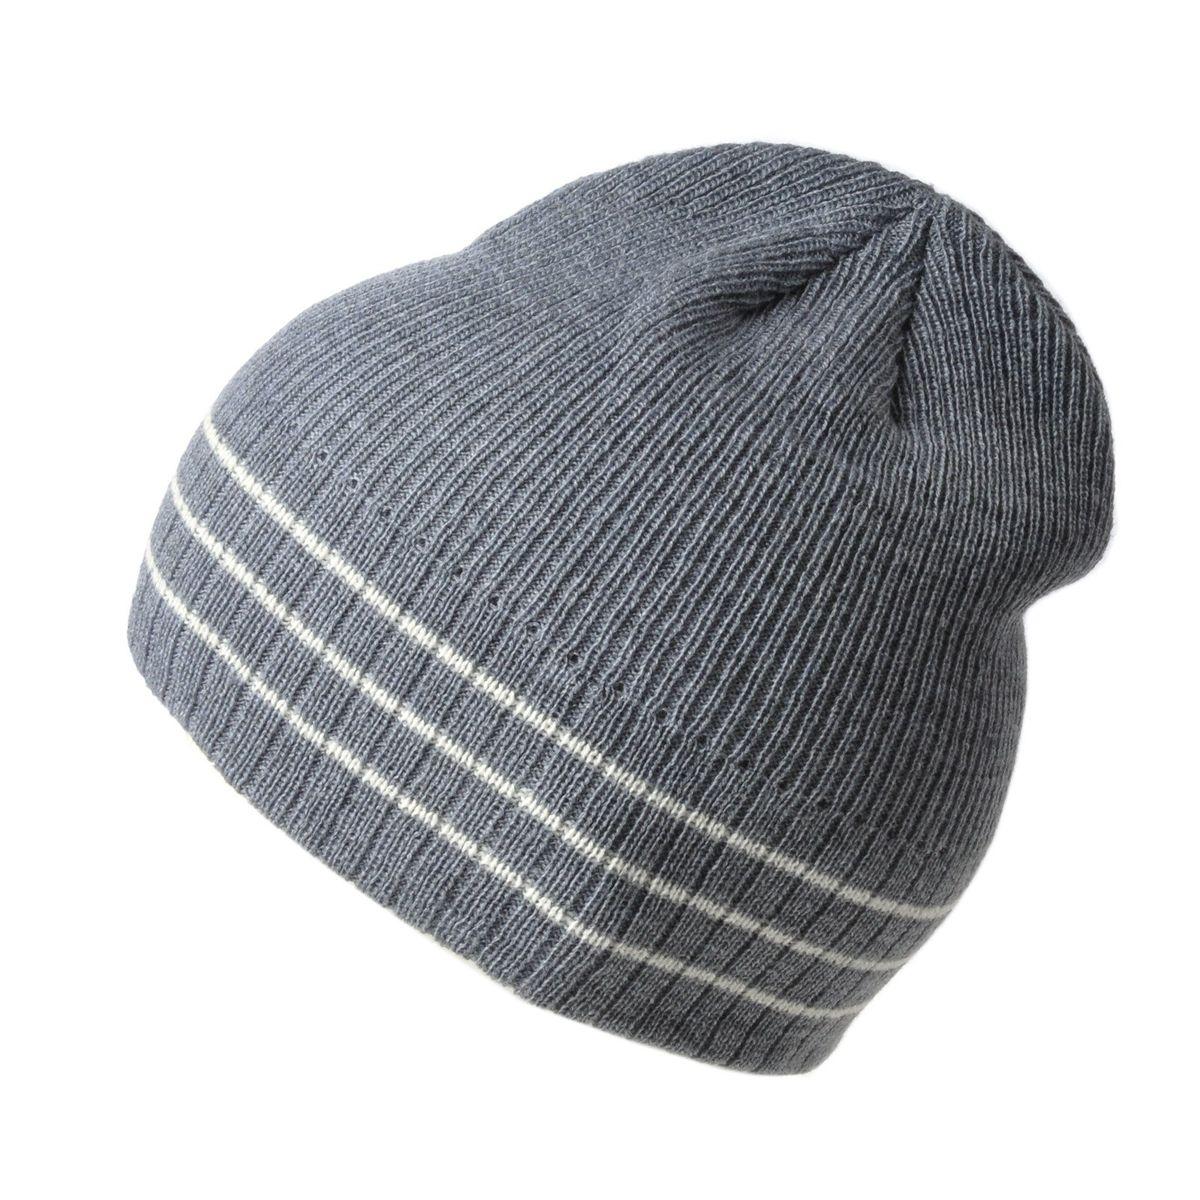 Bonnet tricot rayé